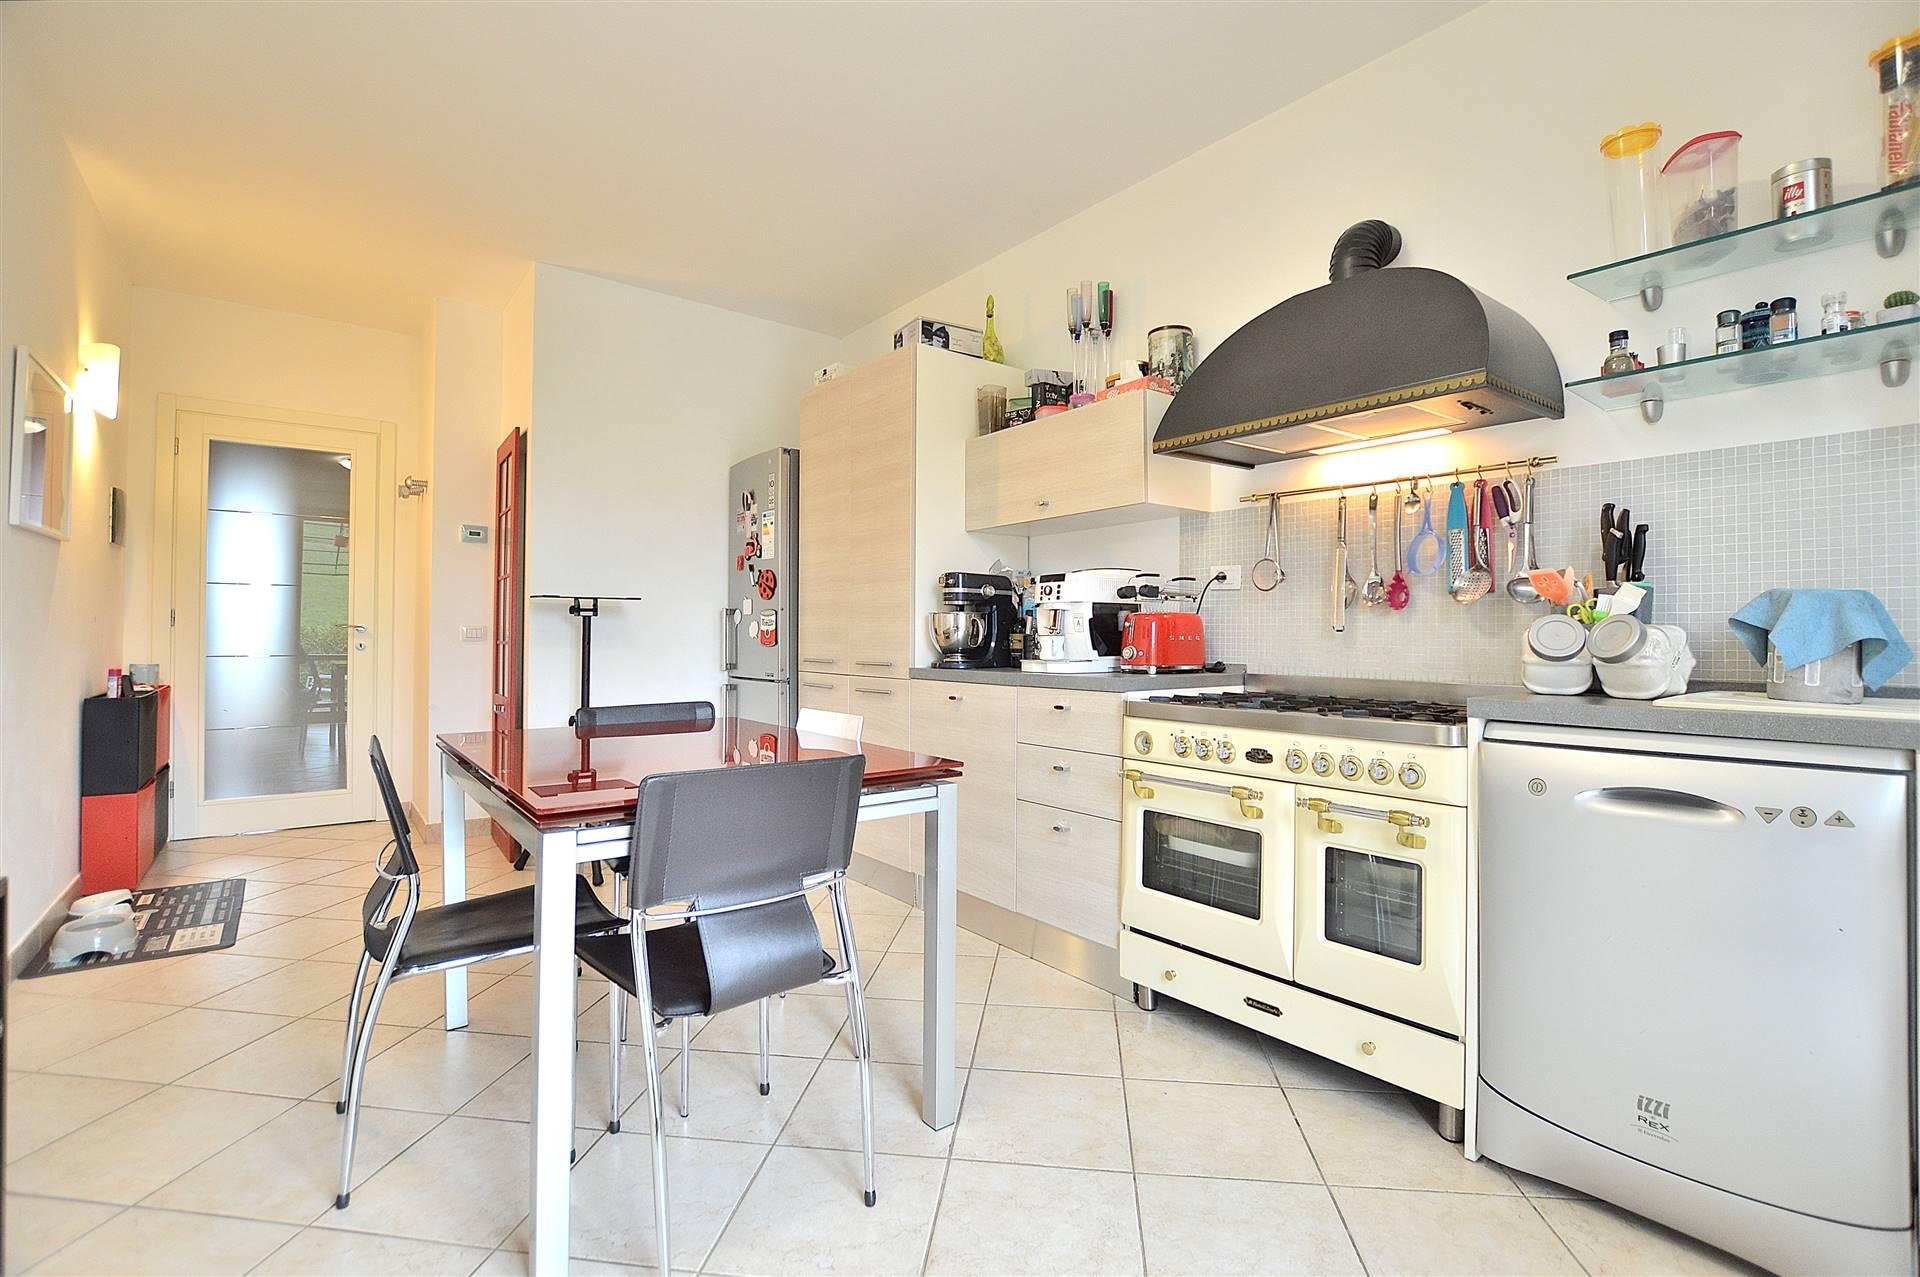 In località Arbia a pochi km da Siena, in piacevole contesto residenziale di recente costruzione, proponiamo appartamento su due livelli posto al